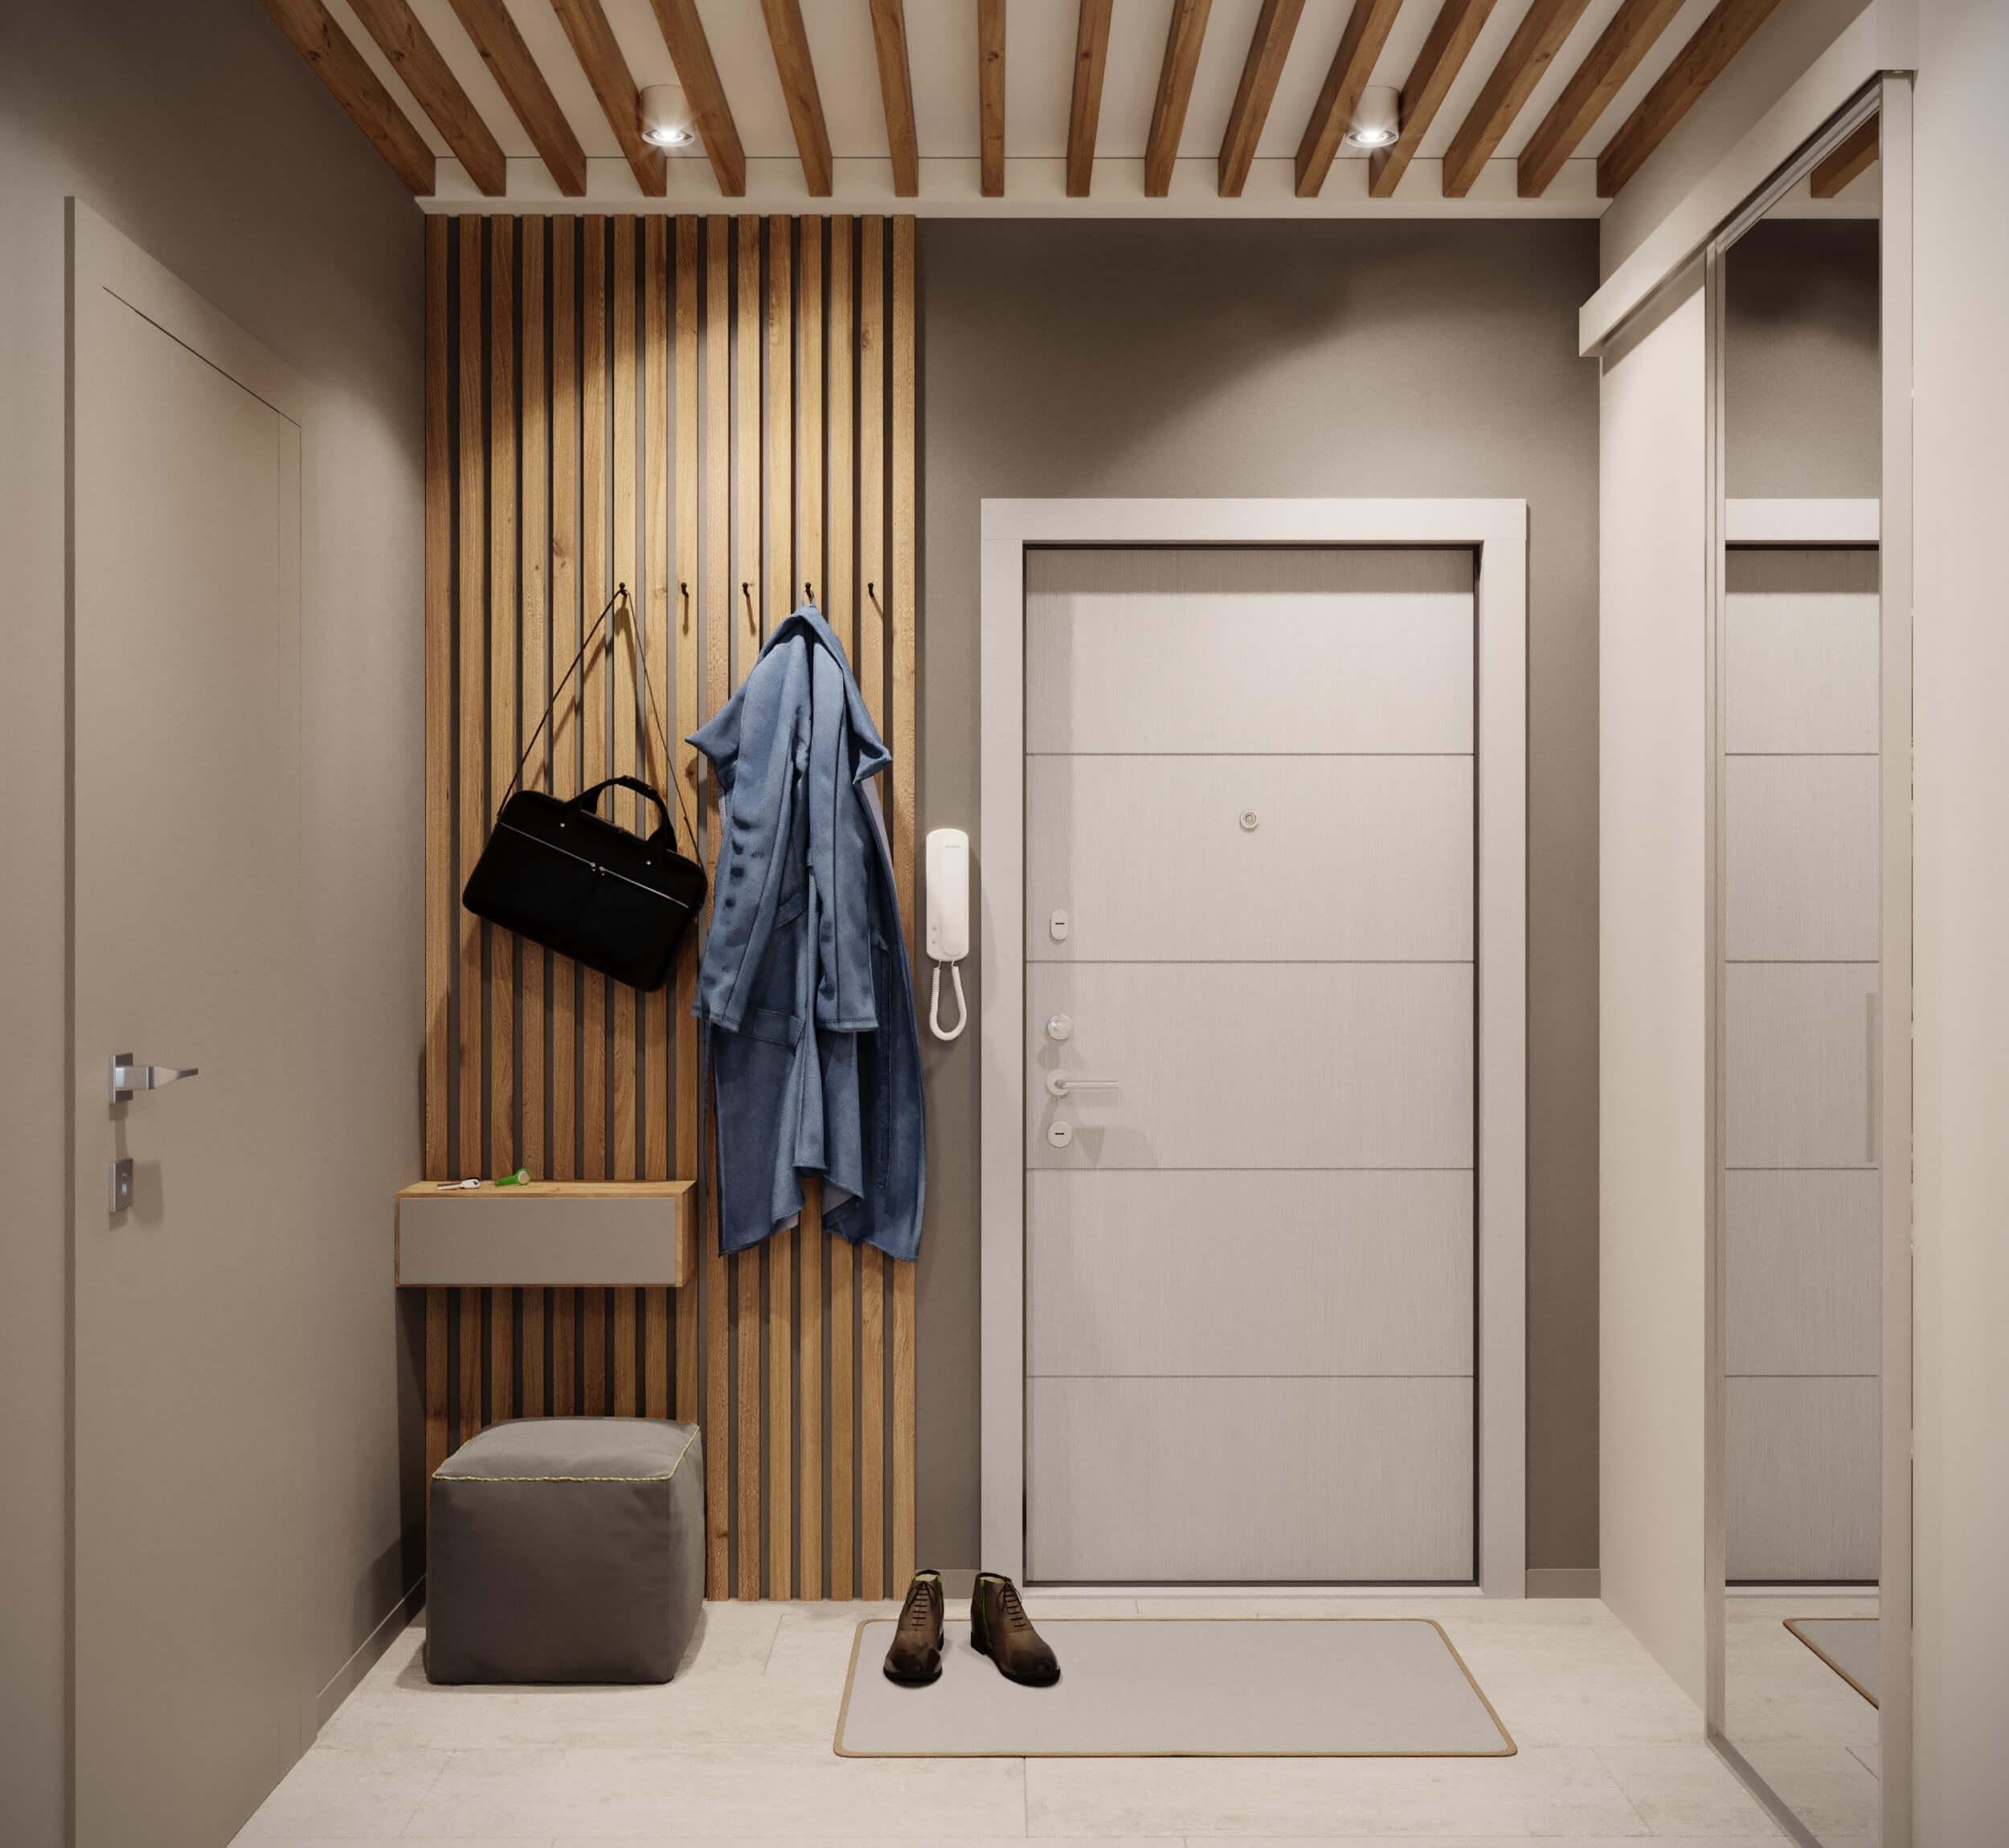 pro - Дизайн интерьера 1-2 комнатной квартиры 45 кв м